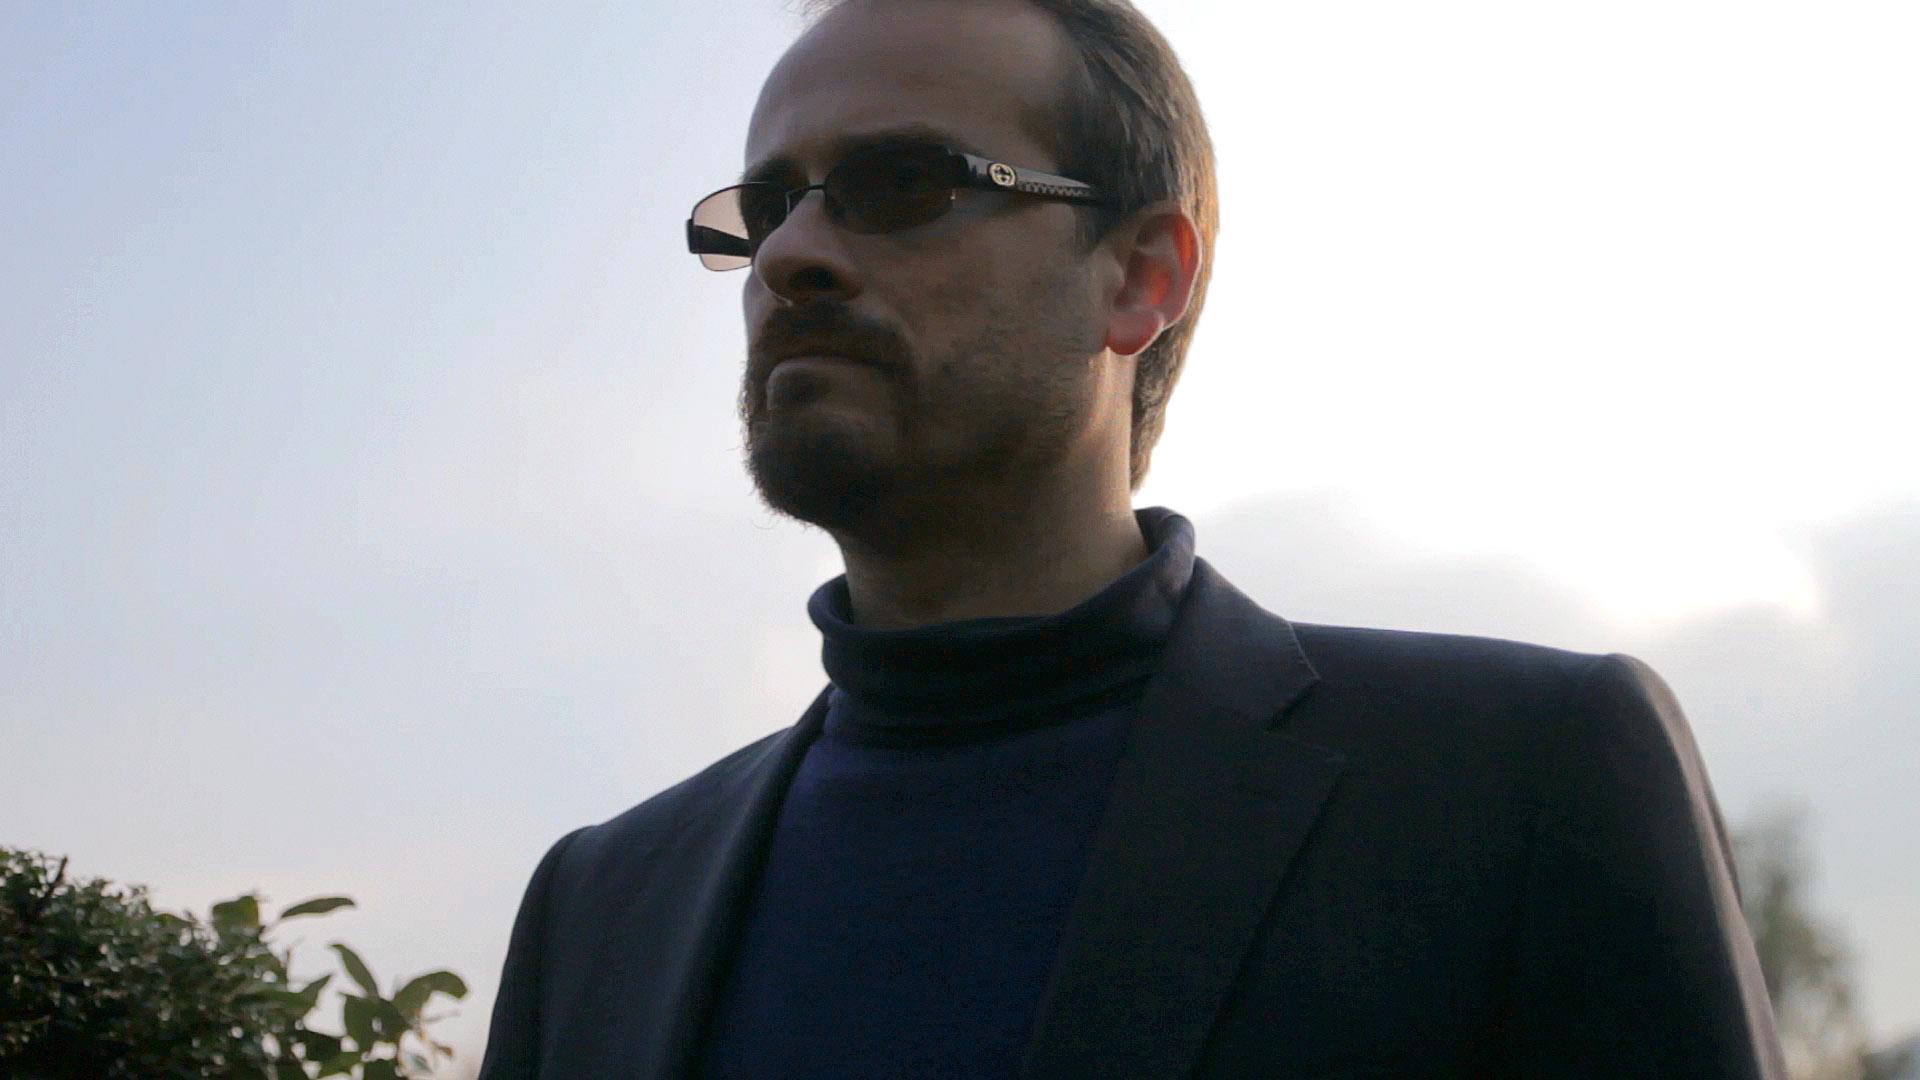 Gilles Nuytens